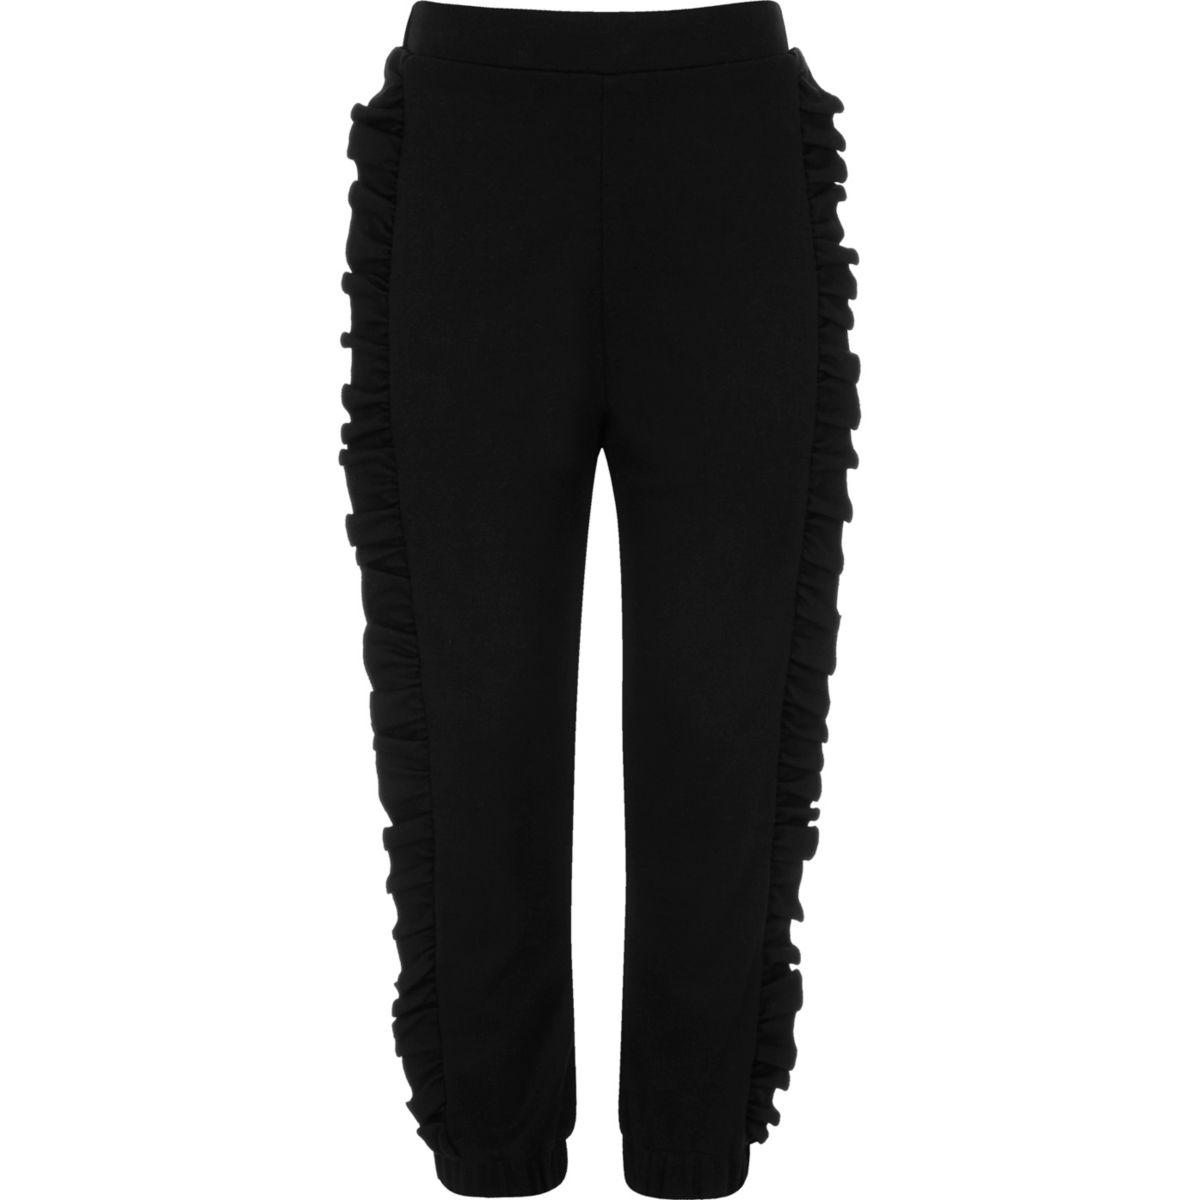 Pantalon noir à volants sur les côtés pour fille